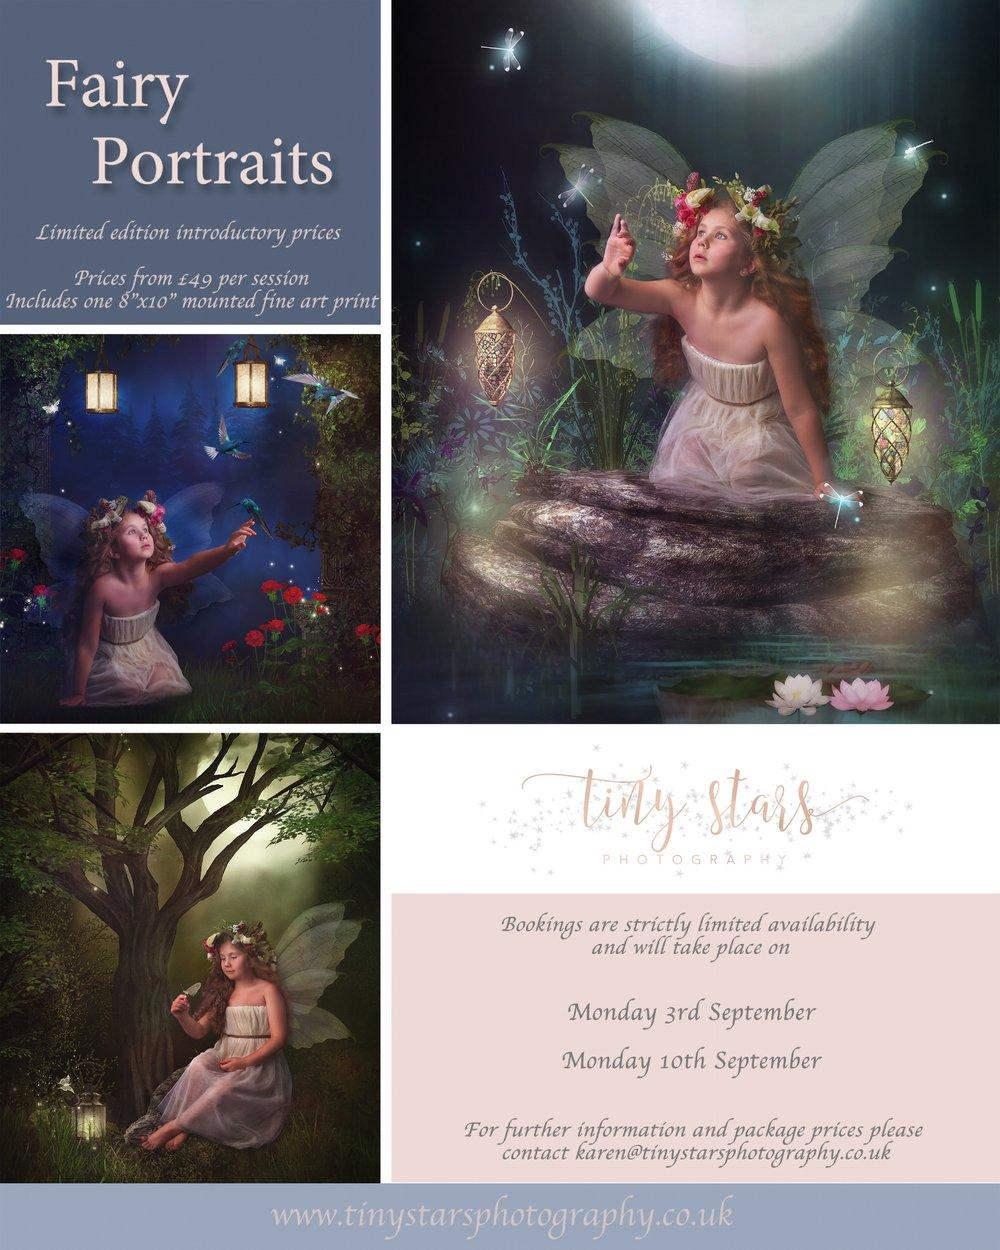 FairyPhotoTinyStarsPhotography.jpg